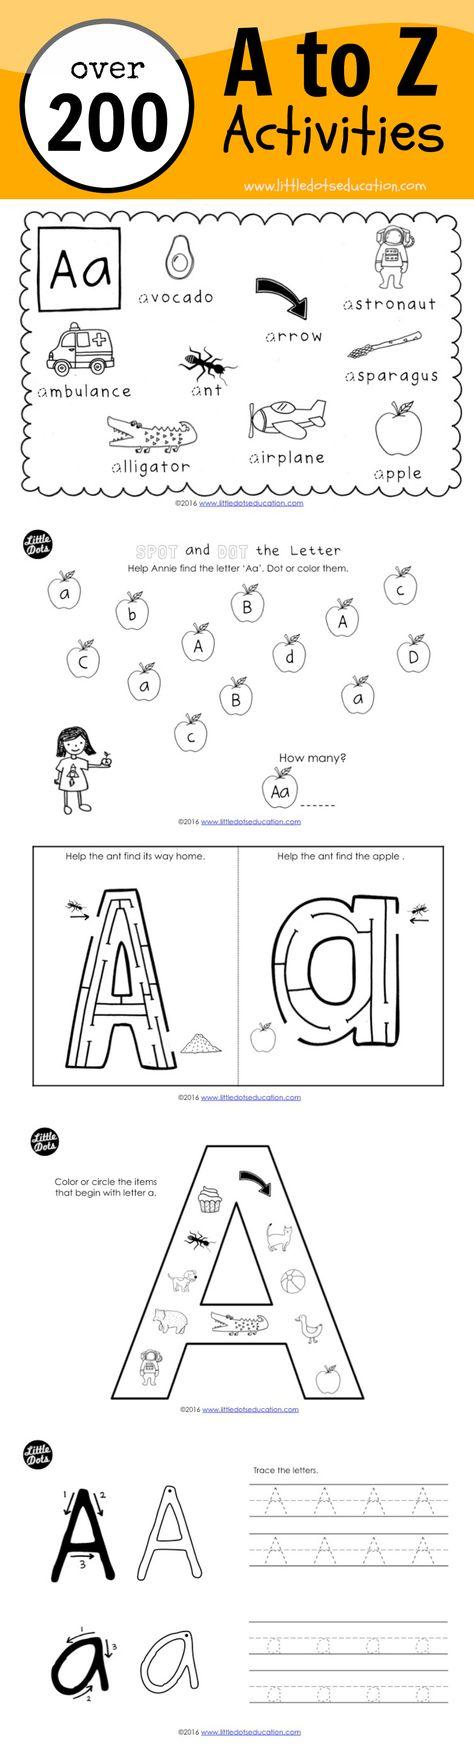 Preschool Alphabet Activities And Worksheets Alphabet Preschool Alphabet Activities Preschool Preschool Learning [ 1756 x 474 Pixel ]